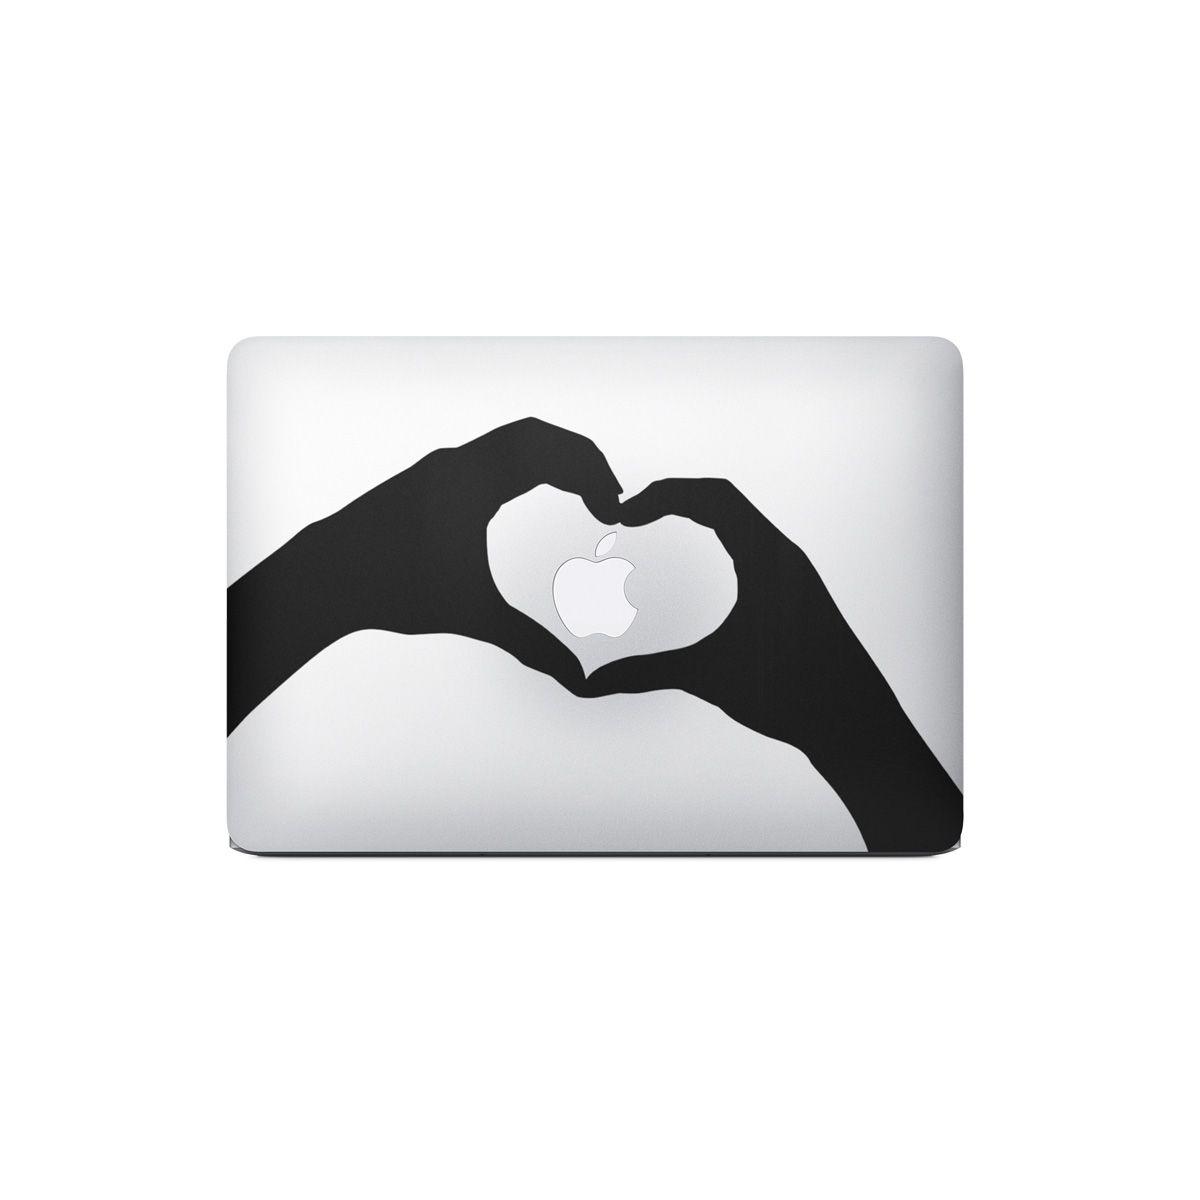 MacBook Air. 사랑할 수밖에 없는 노트북.